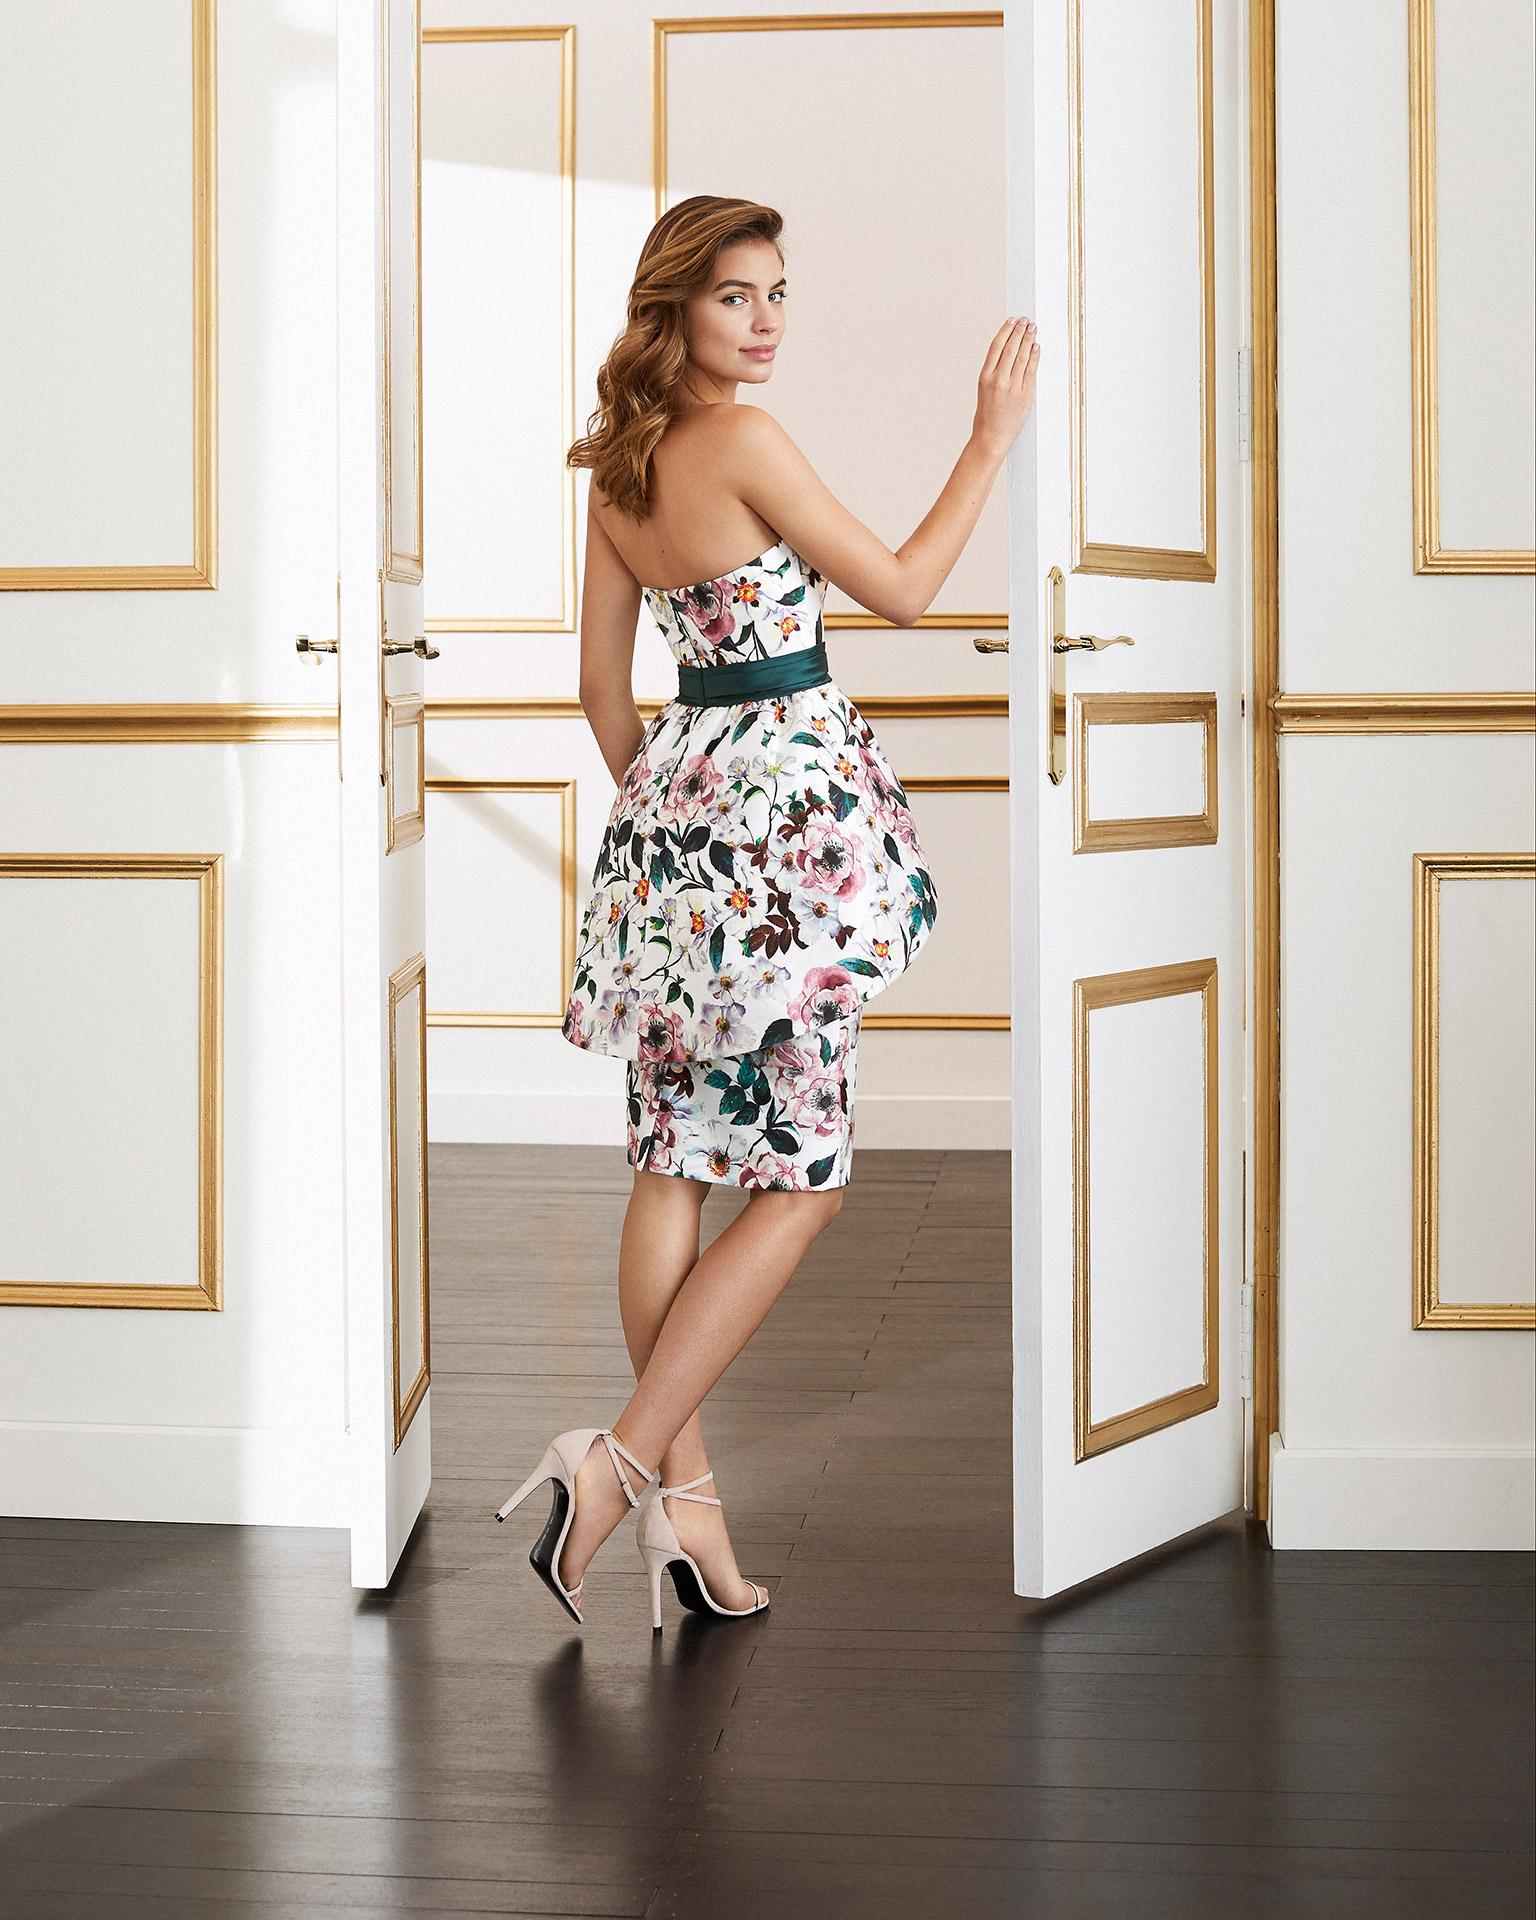 Vestido de fiesta estampado. Escote palabra de honor con fajín. Falda con volumen. Colección MARFIL BARCELONA 2020.